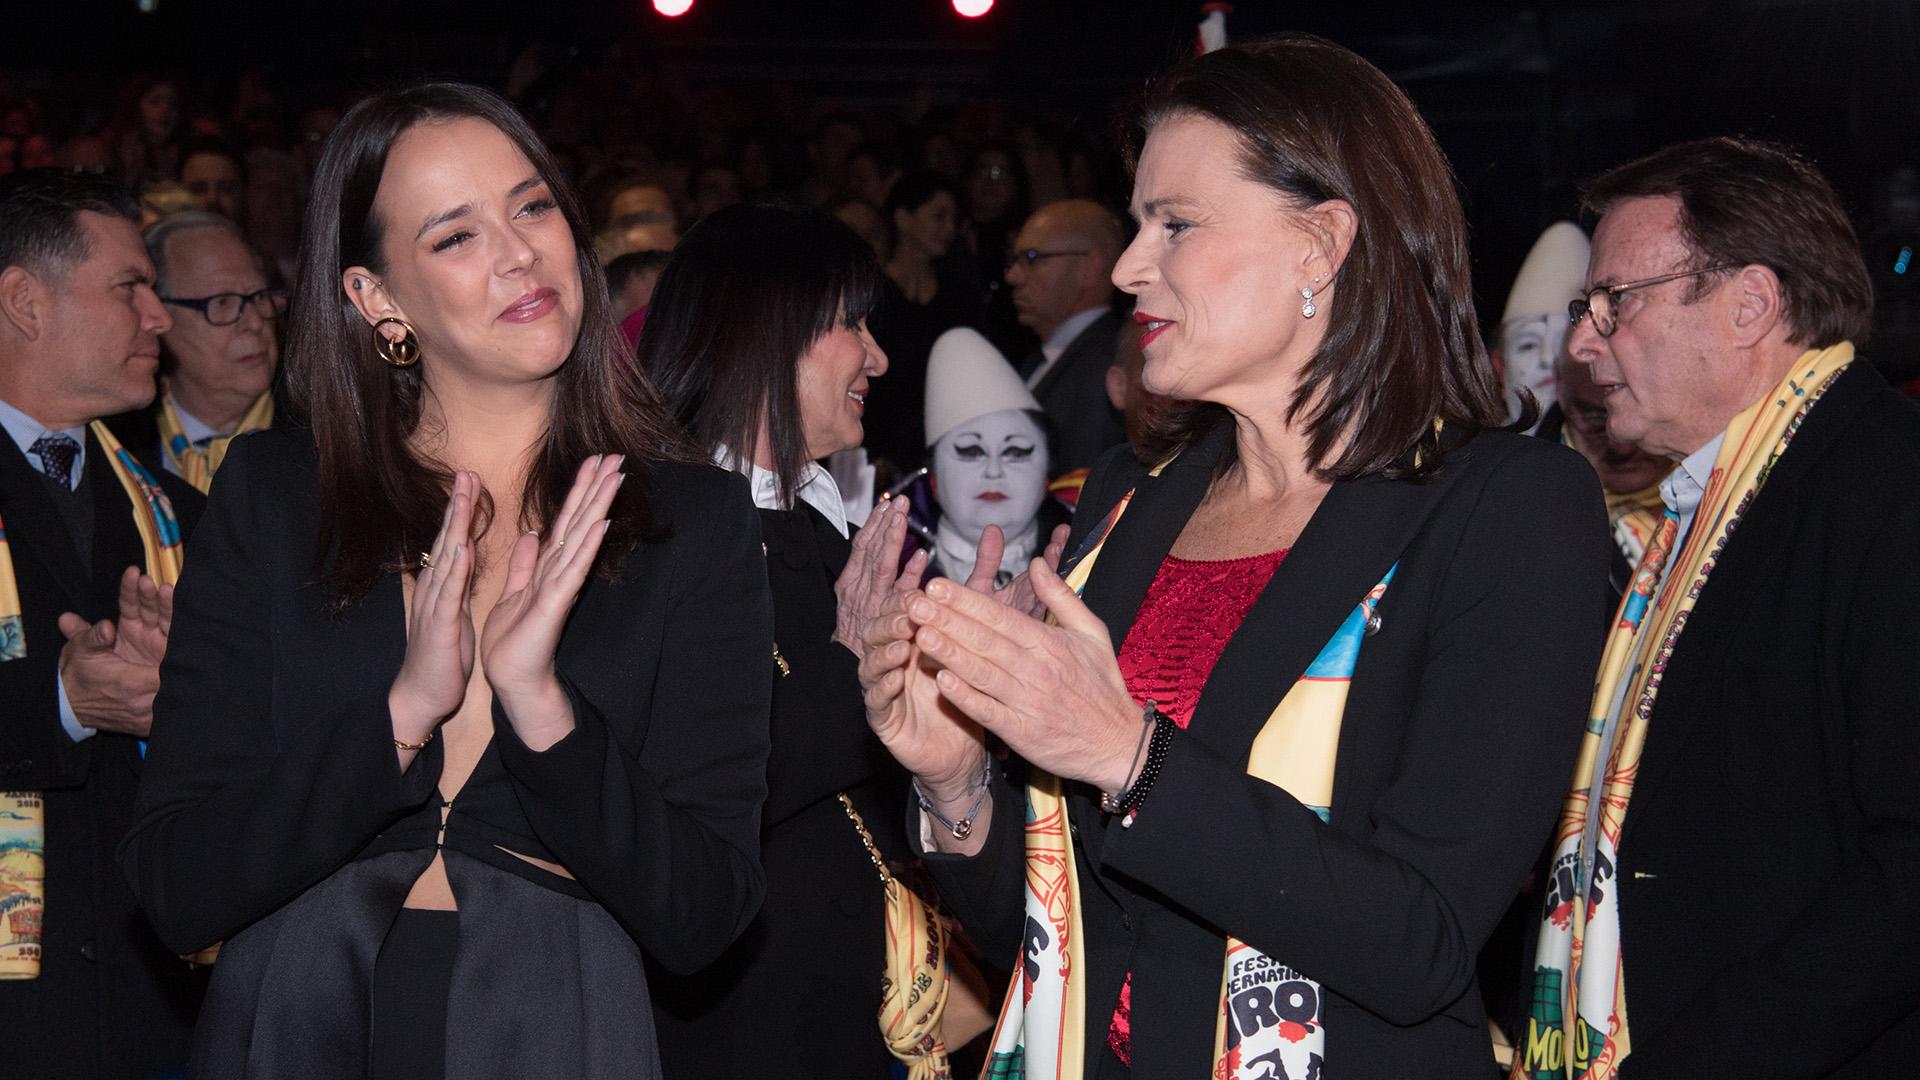 La pasión de Estefanía es compartida con su hija, Pauline Ducruet, que cada año la acompaña a la presentación de este Festival